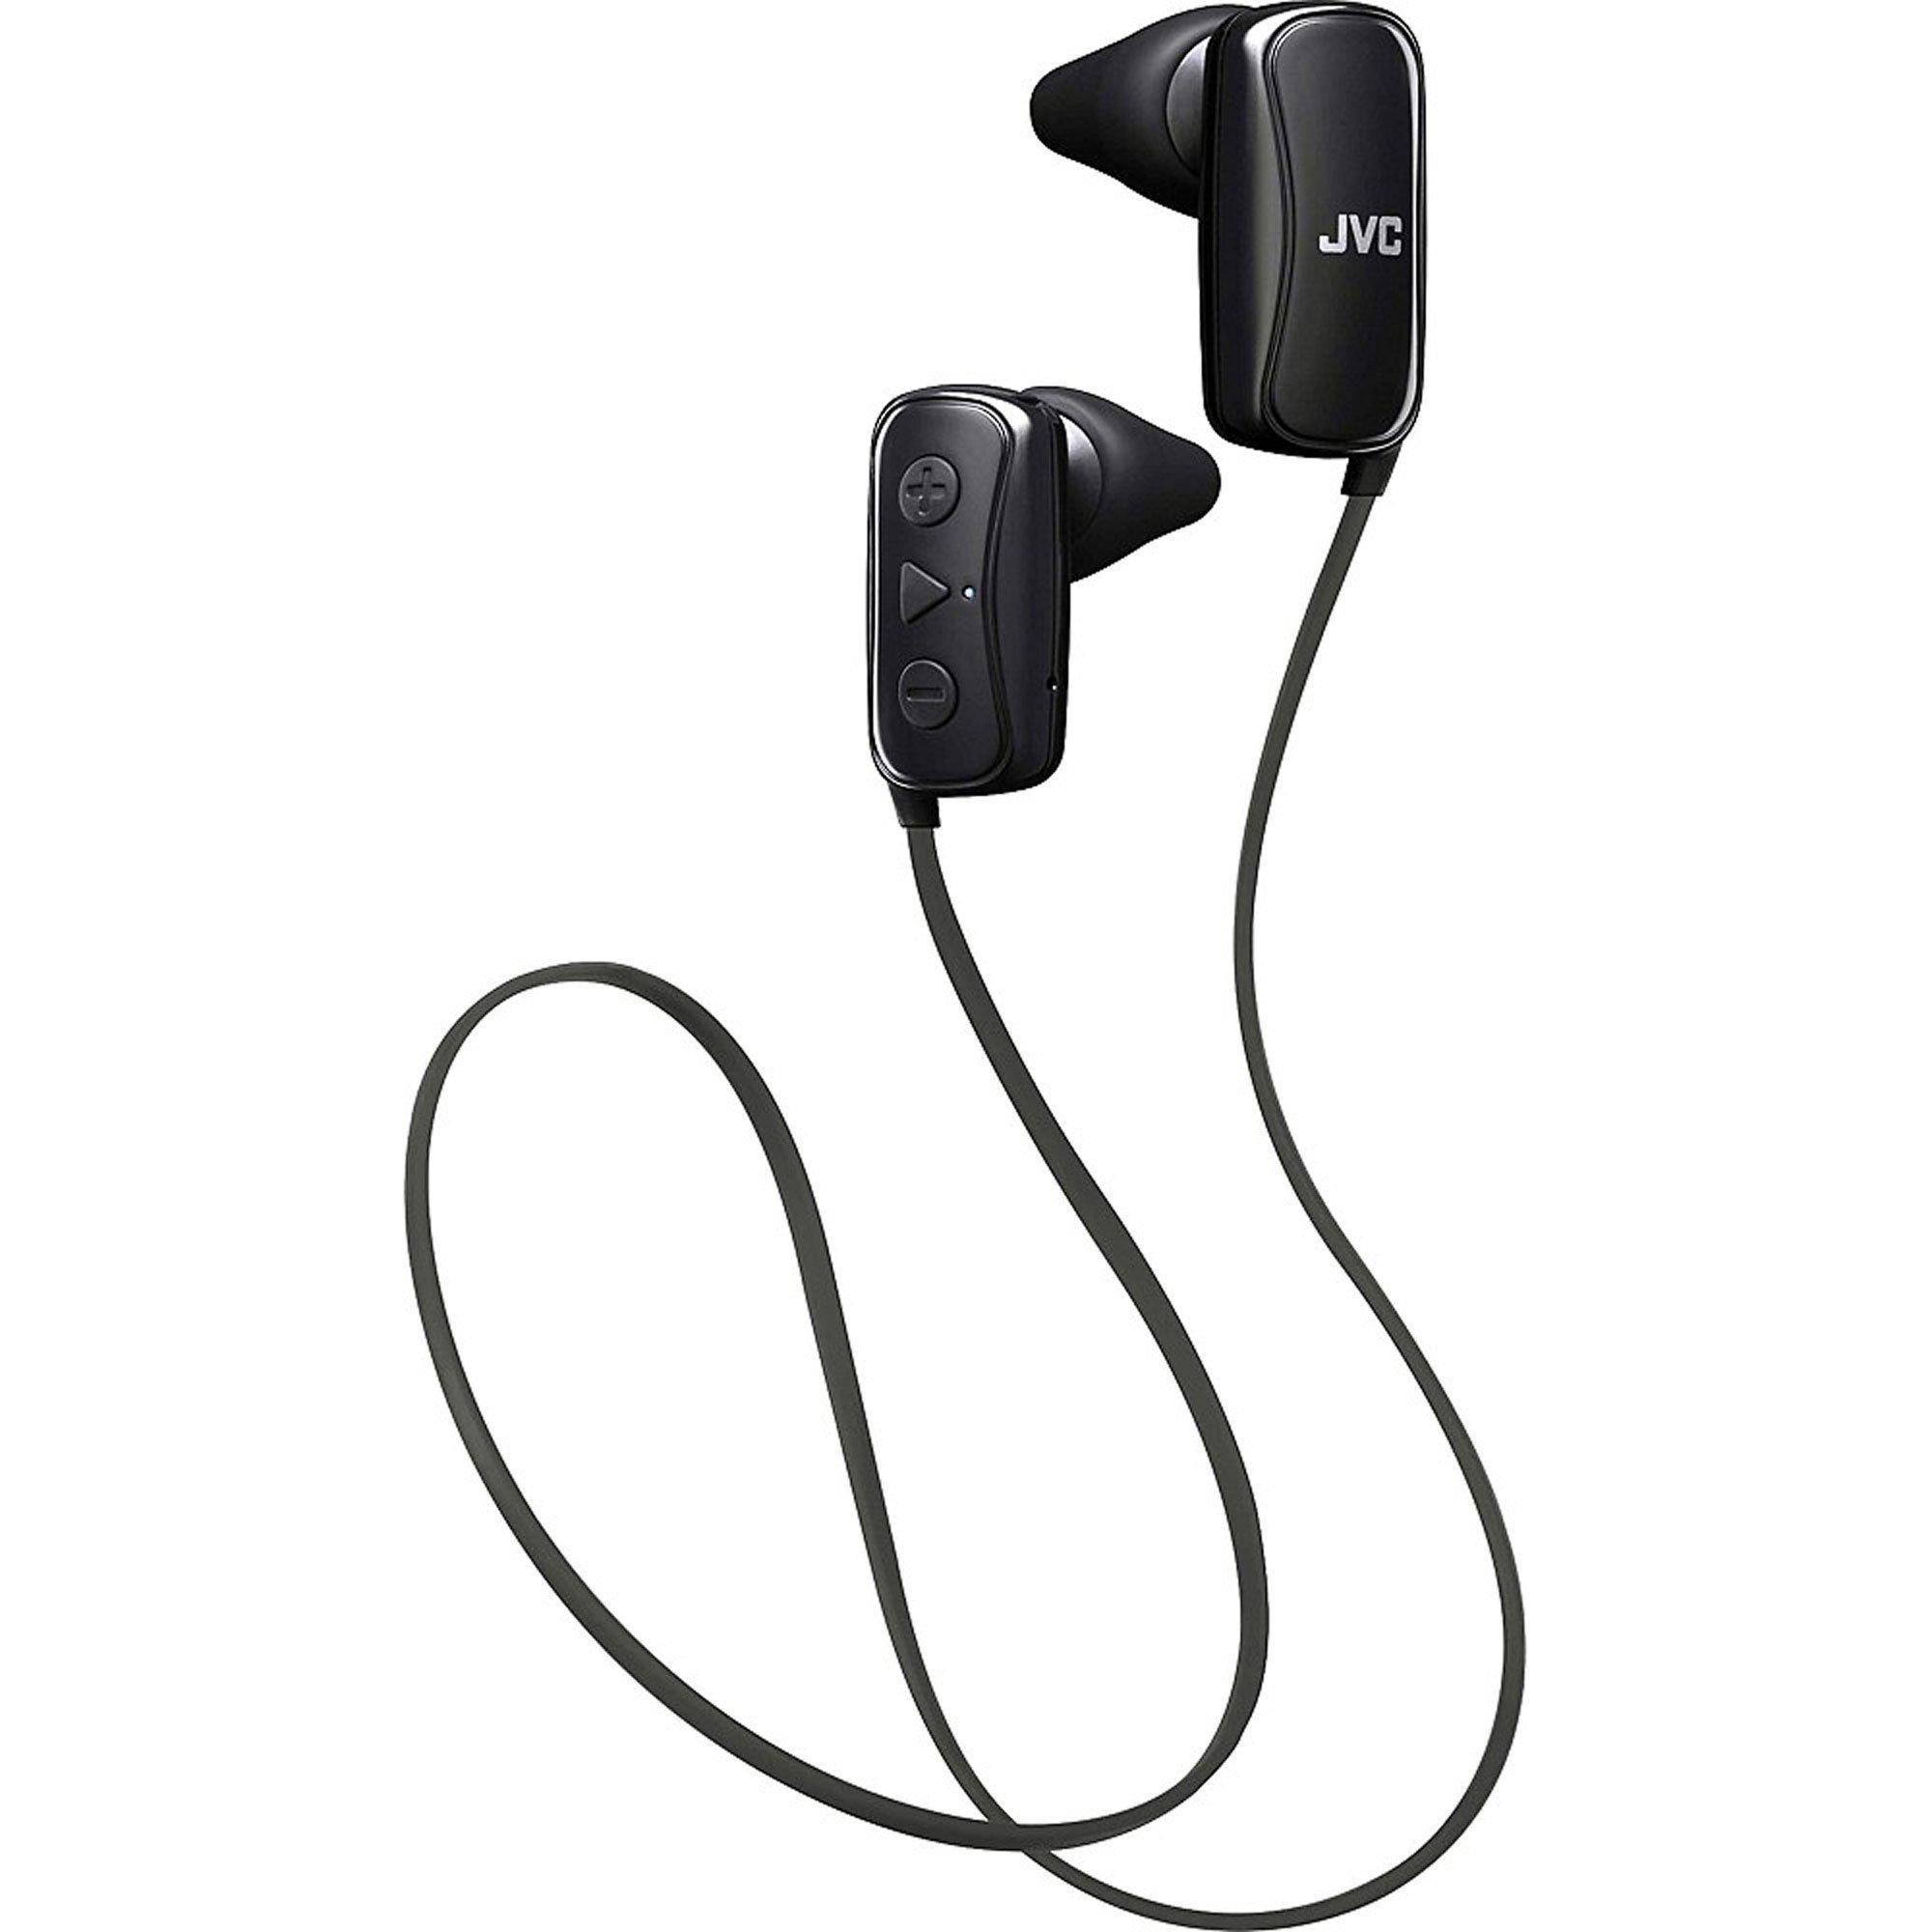 JVC HAF250BTB In-Ear Headphone, Bluetooth, Gumy - Black by JVC